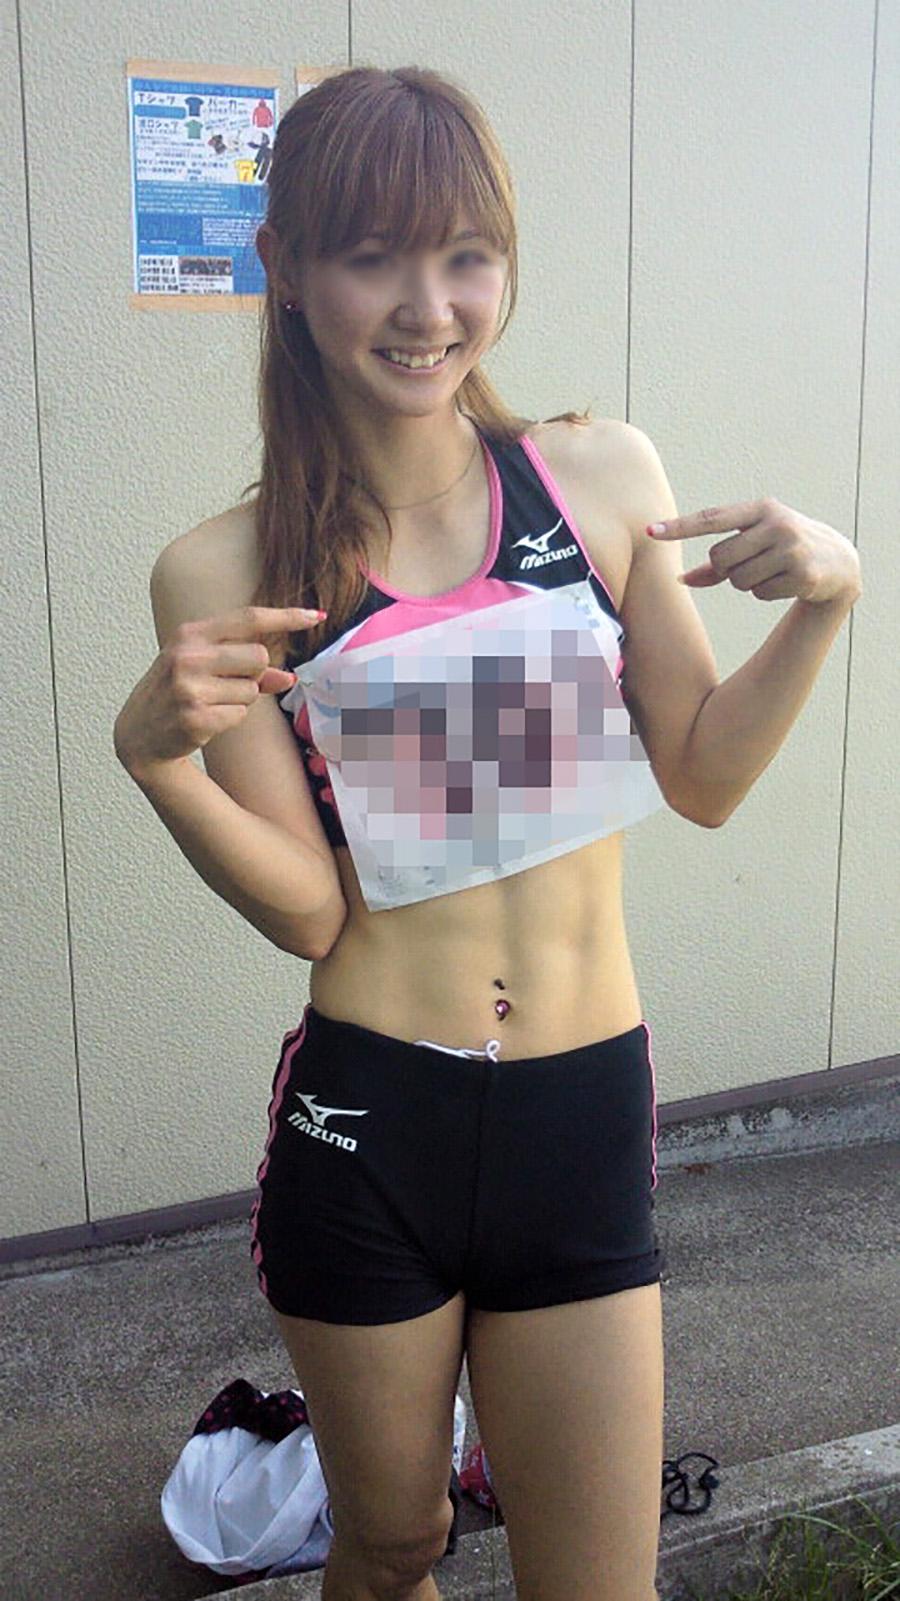 アダルト画像3次元 - 陸上女子選手のお下半身に太もも胸チラ。競技に集中なんてできません!!!!!!【画像あり